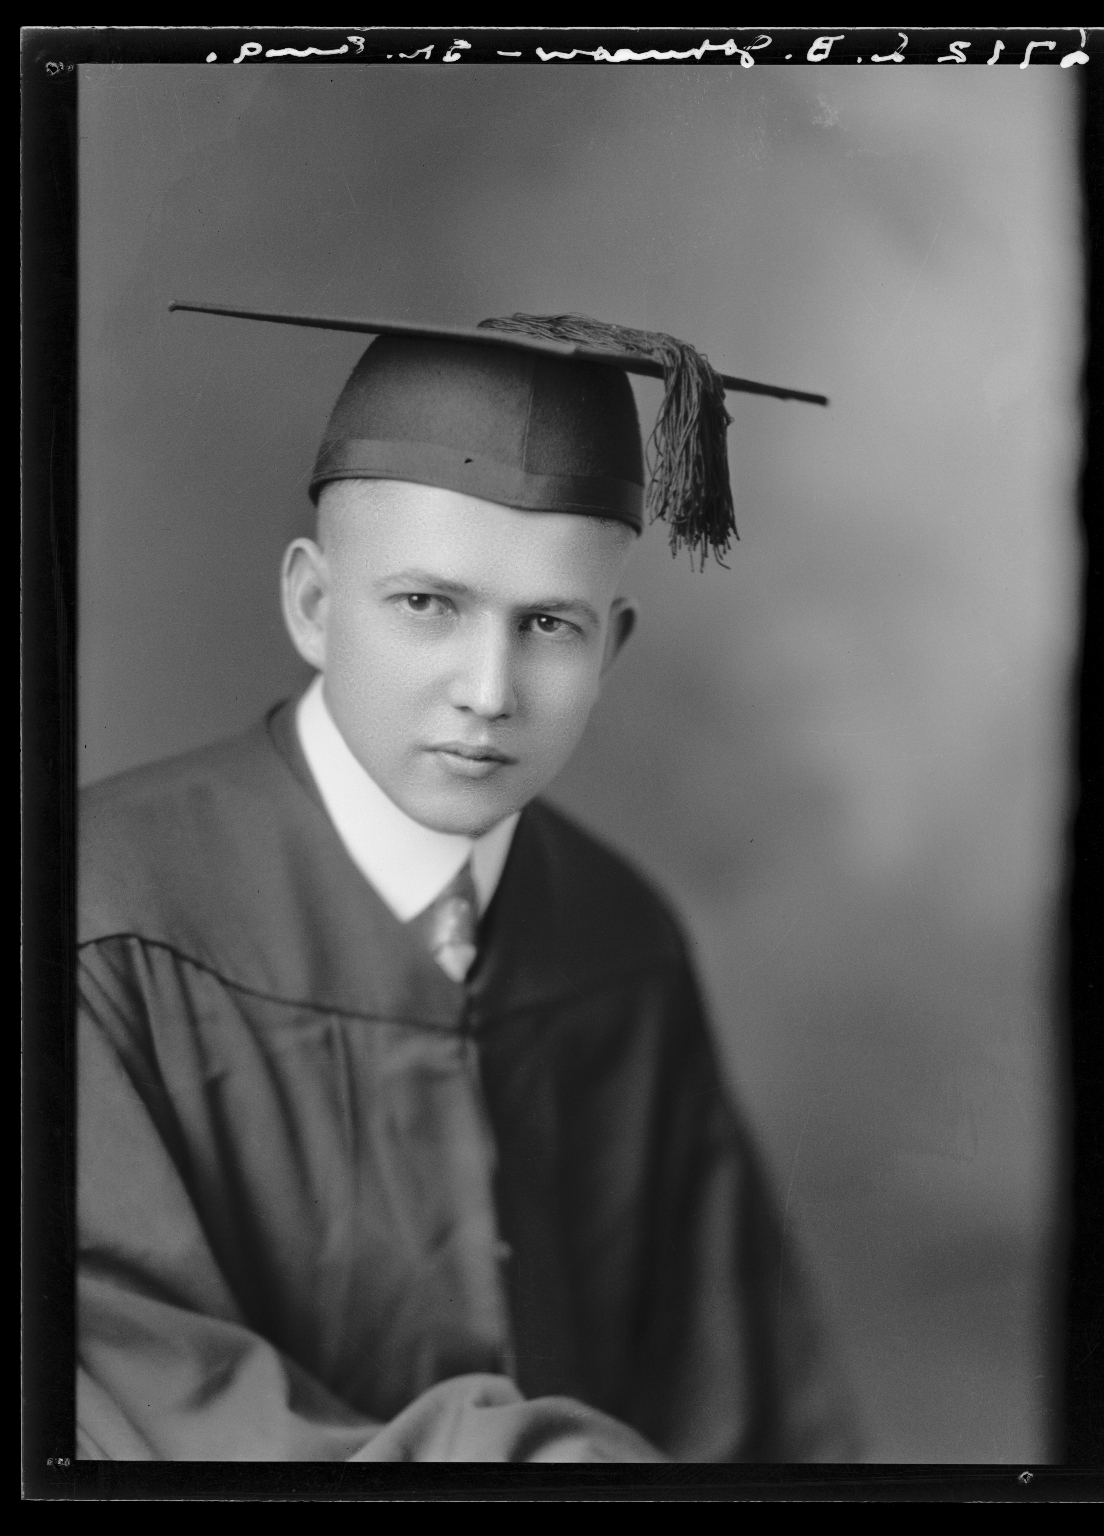 Portraits of L. B. Johnson